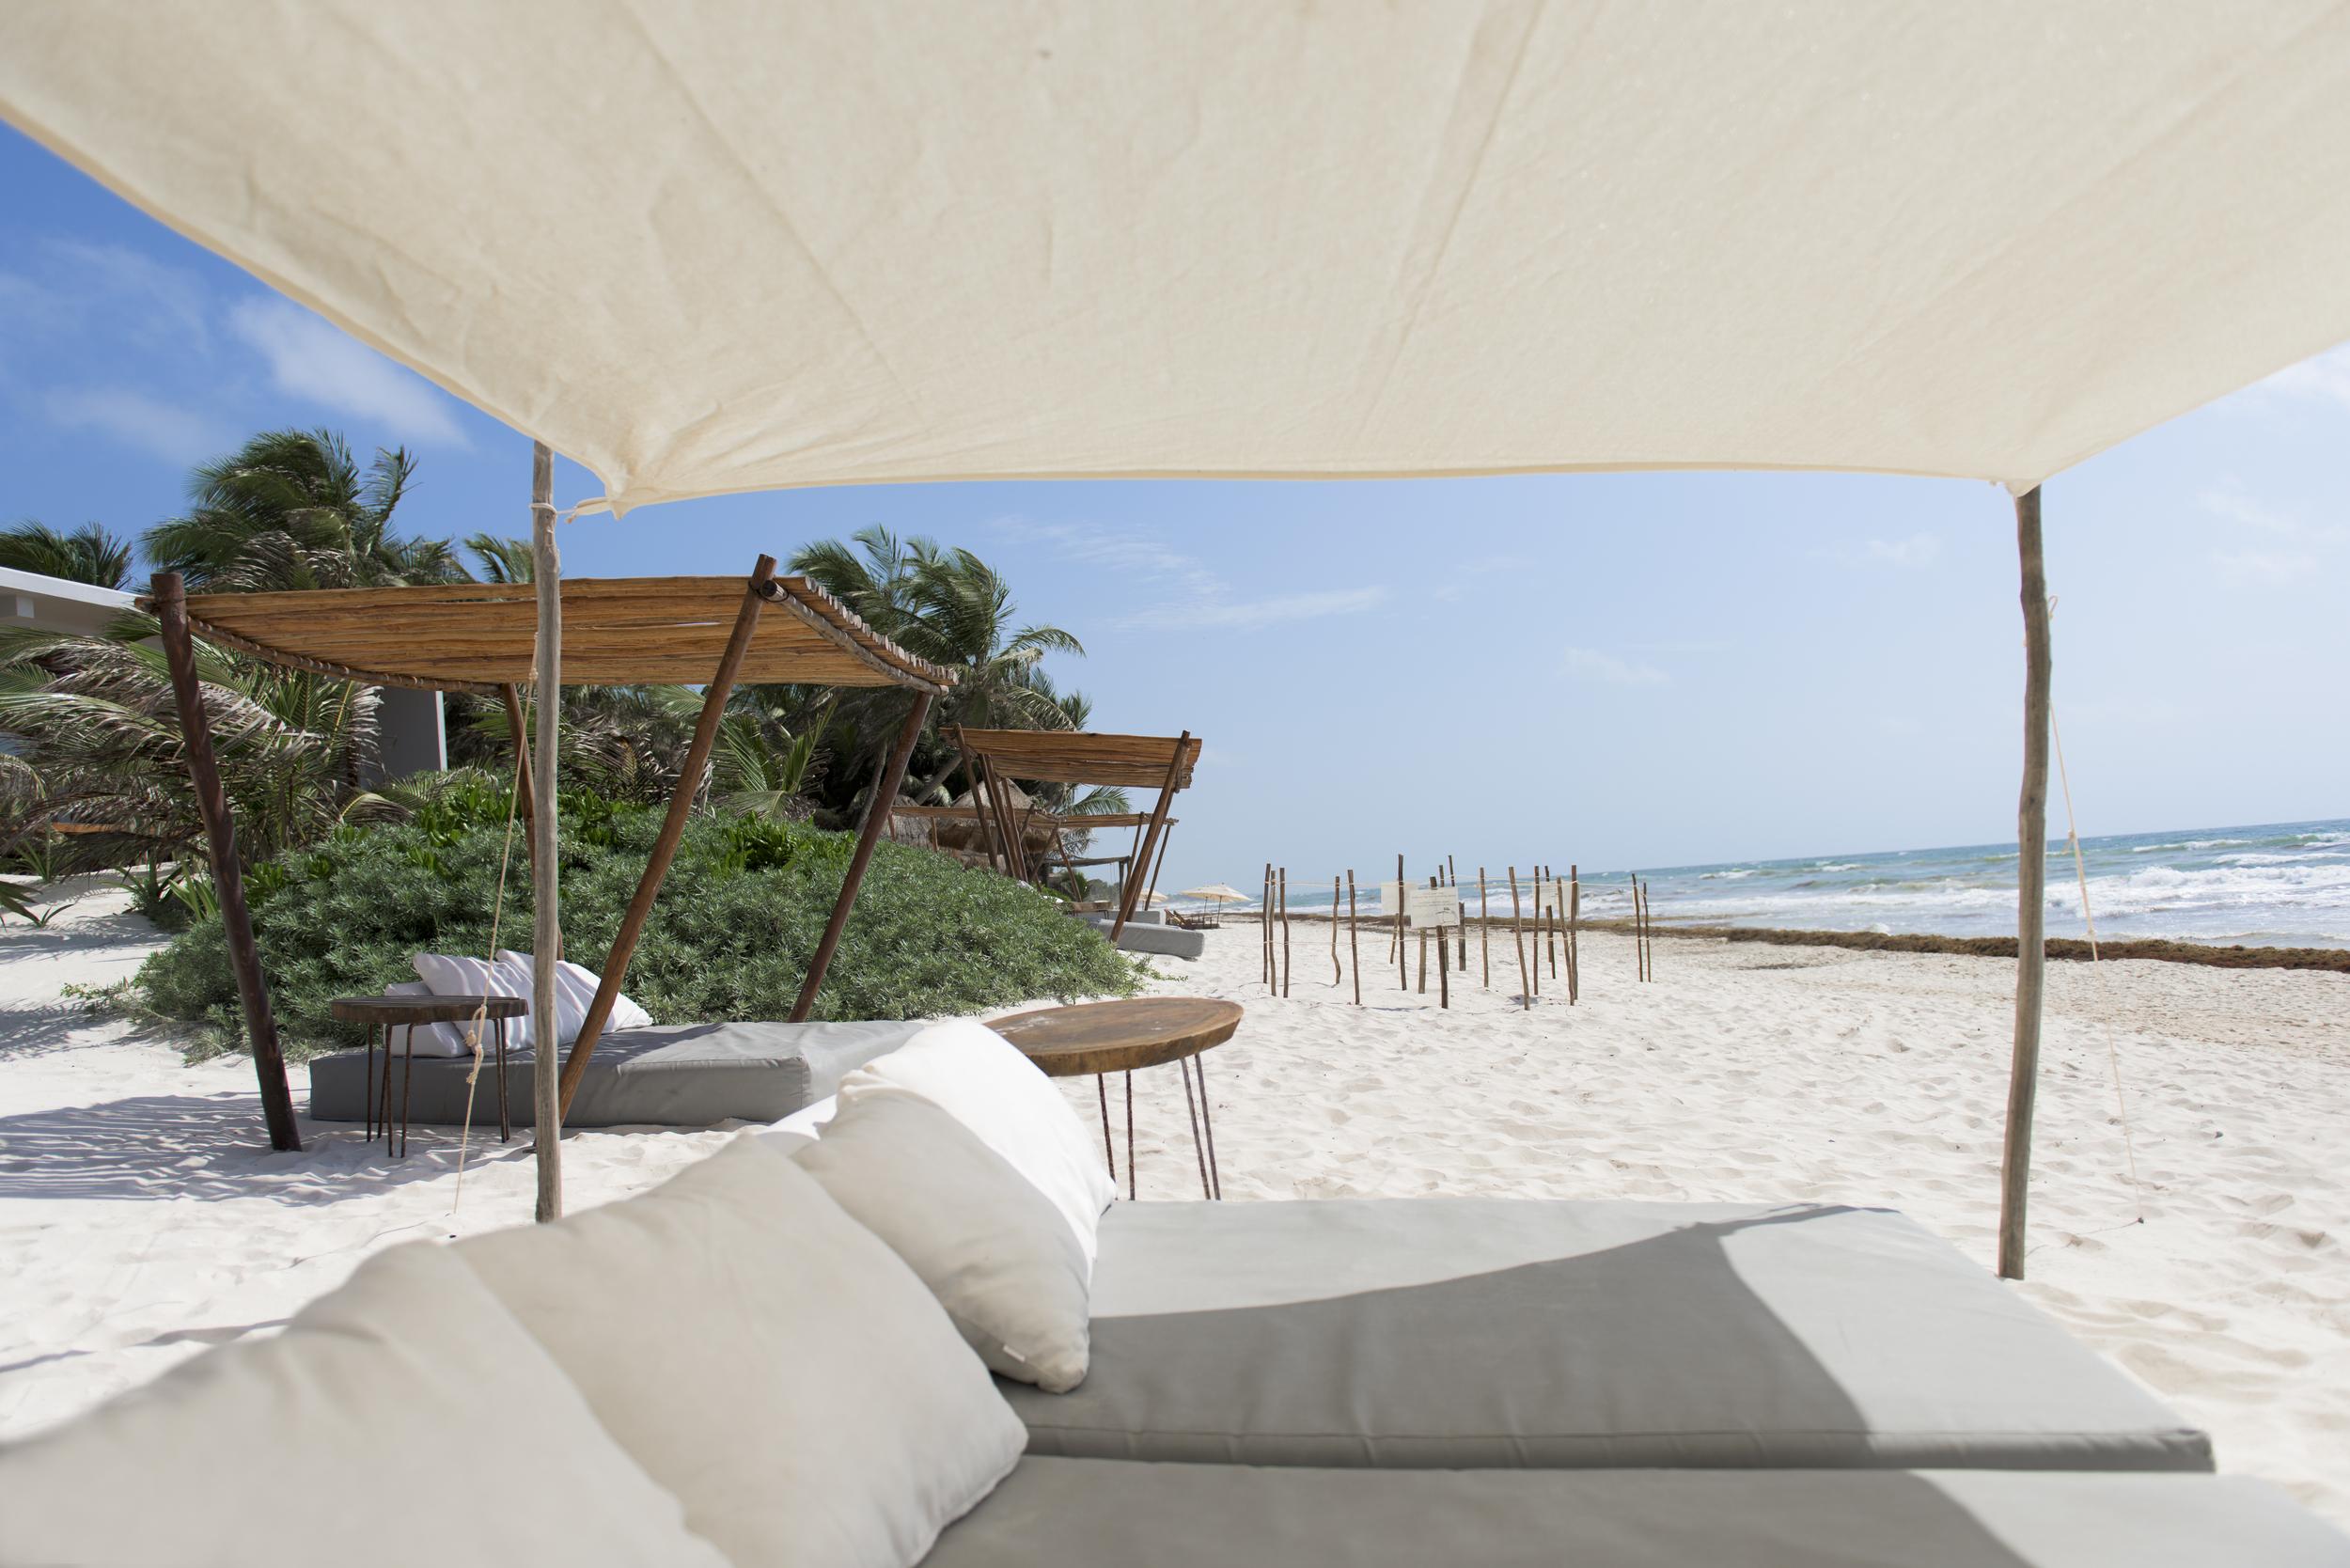 Sanara Beach